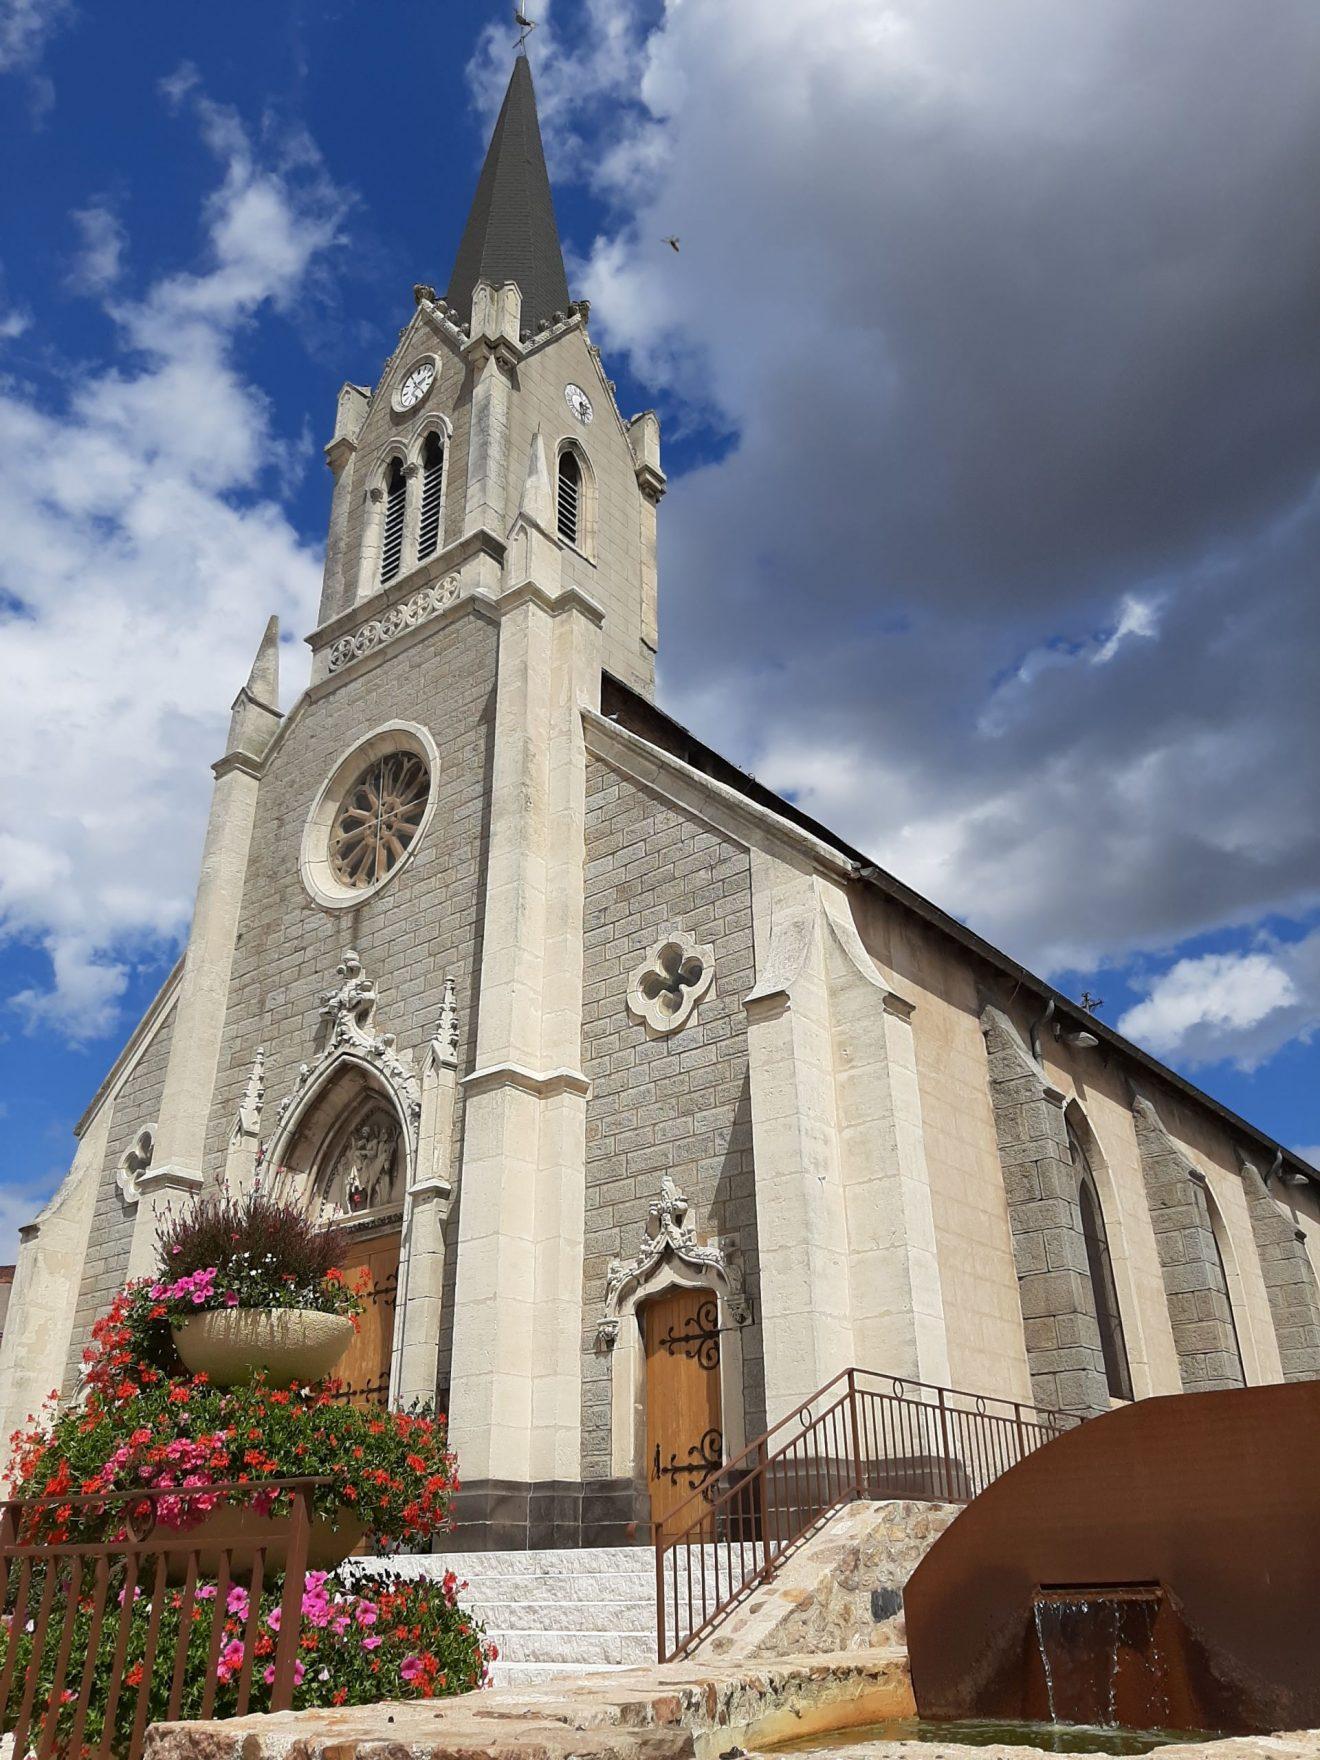 [:fr]L'Estefana - Église de Changy[:nl]L'Estefana - Kerkje in Changy[:en]L'Estefana - Church of Changy[:de]L'Estefana - Kirche in Changy[:]